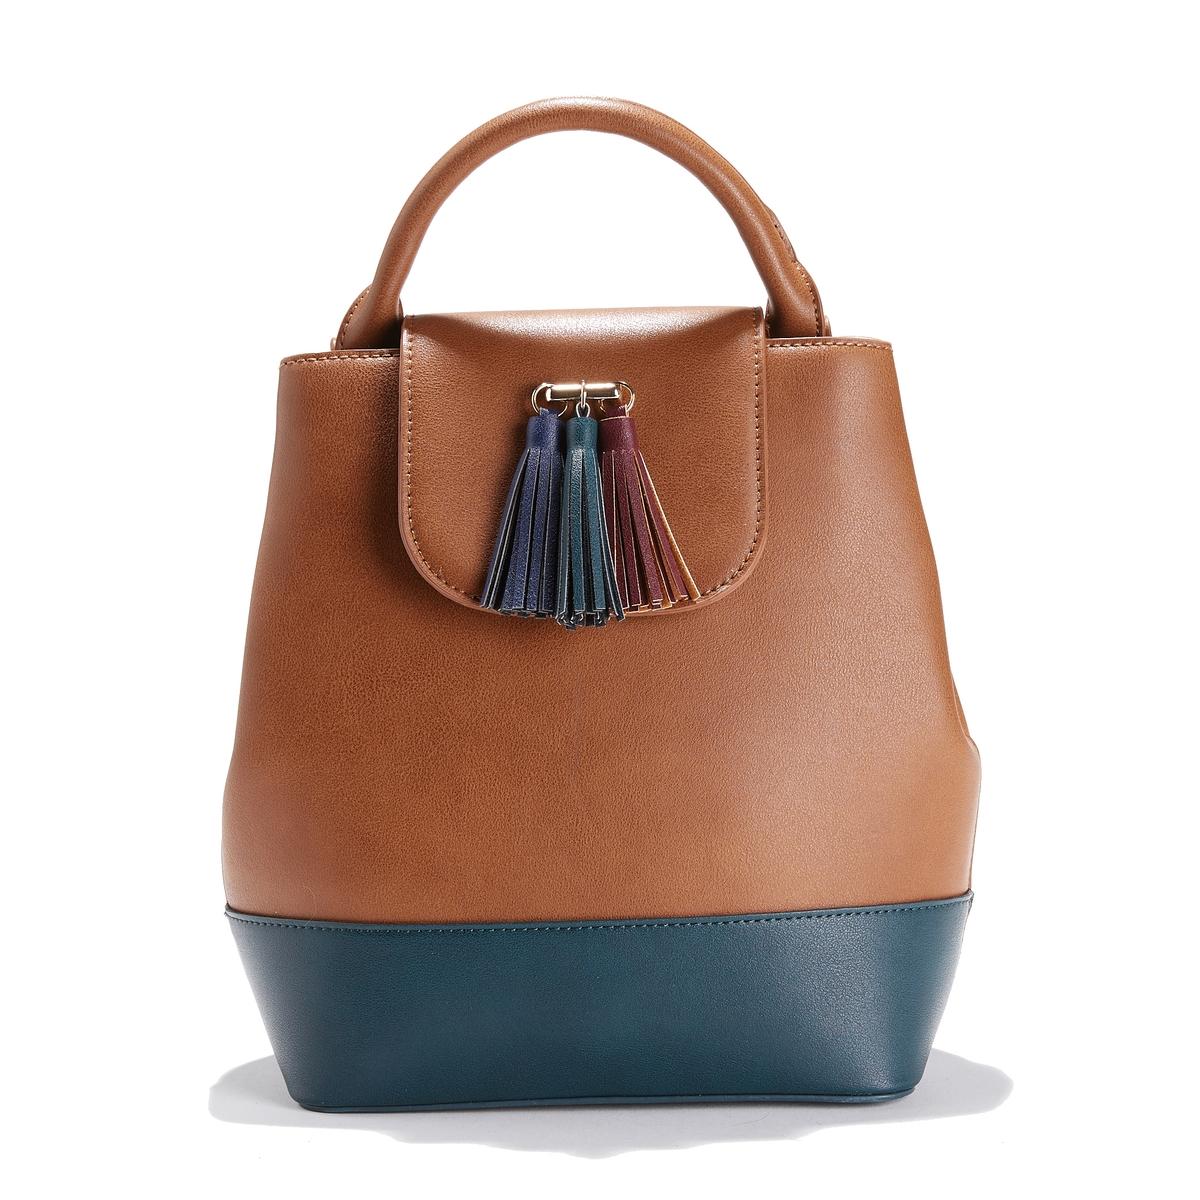 Сумка двухцветнаяОписание:Сумка в форме рюкзака идеальна для тех, кто хочет освободить руки . Стильная двухцветная сумка .  Состав и описание : •  Внешний материал : 100% полиуретан •  Подкладка : 100% полиэстер •  Размер  : Ш22 х В26 х Г10см  •  Застежка : кнопка на магните •  Внешние карманы : нет •  Внутренние карманы : 1 карман на молнии и 1 карман для мобильного телефона •  Регулируемые лямки<br><br>Цвет: сине-зеленый<br>Размер: единый размер